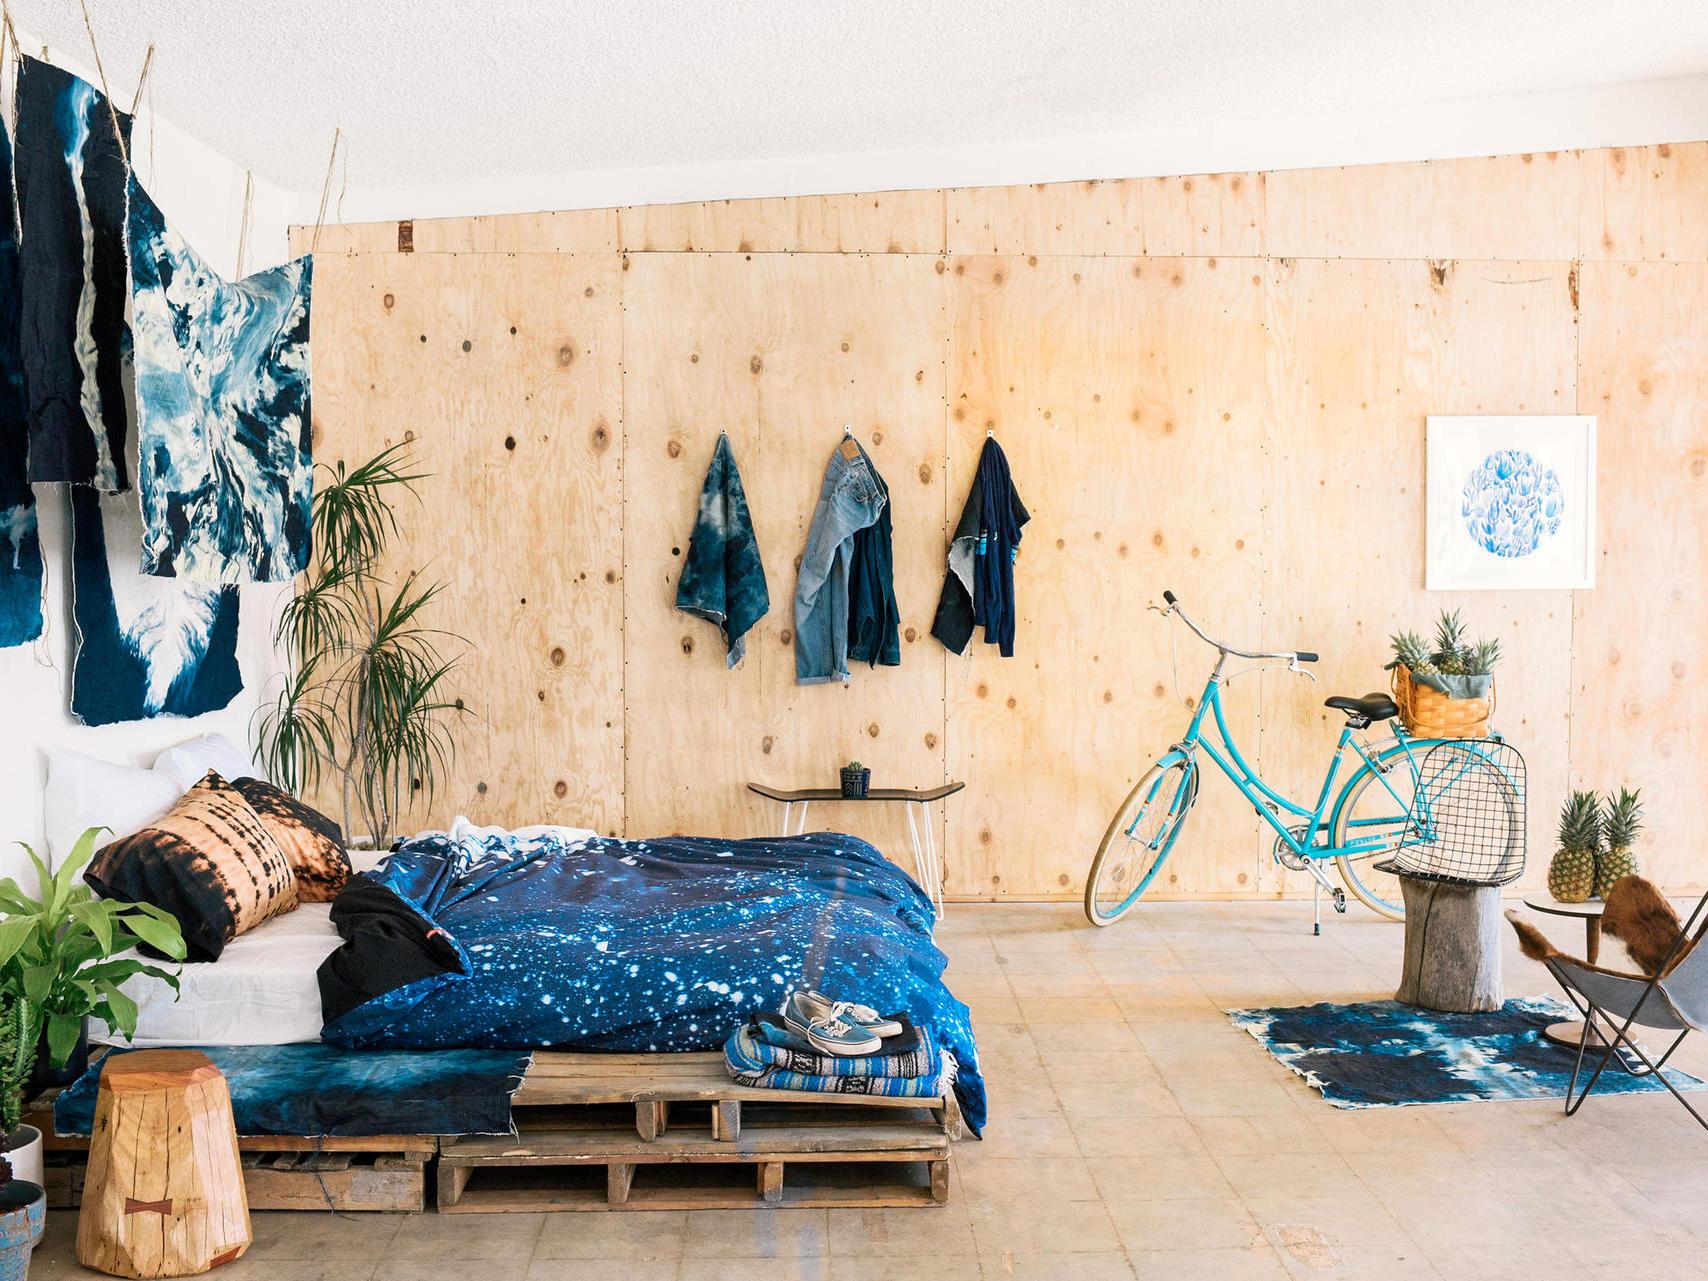 Full Size of Ebay Gebrauchte Betten 140x200 Zu Verschenken 90x200 Bei Kleinanzeigen Dico Ausgefallene Günstige Rauch Mit Aufbewahrung Balinesische Bettkasten Französische Bett Gebrauchte Betten